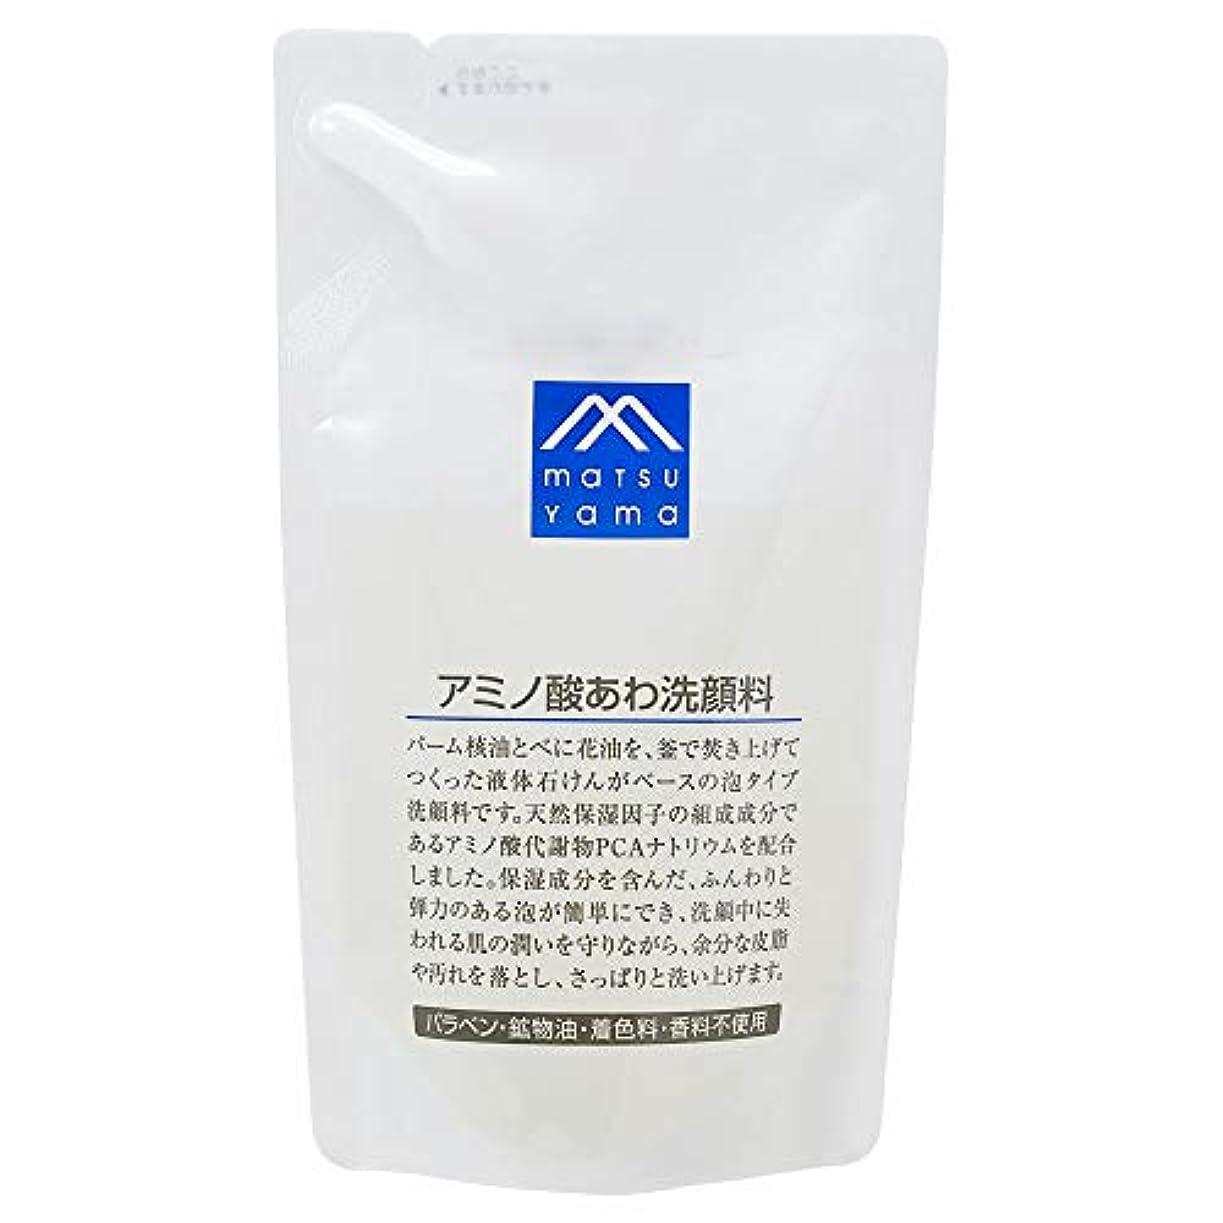 マーク試験百万Mマーク(M-mark) アミノ酸あわ洗顔料 詰替用 120mL